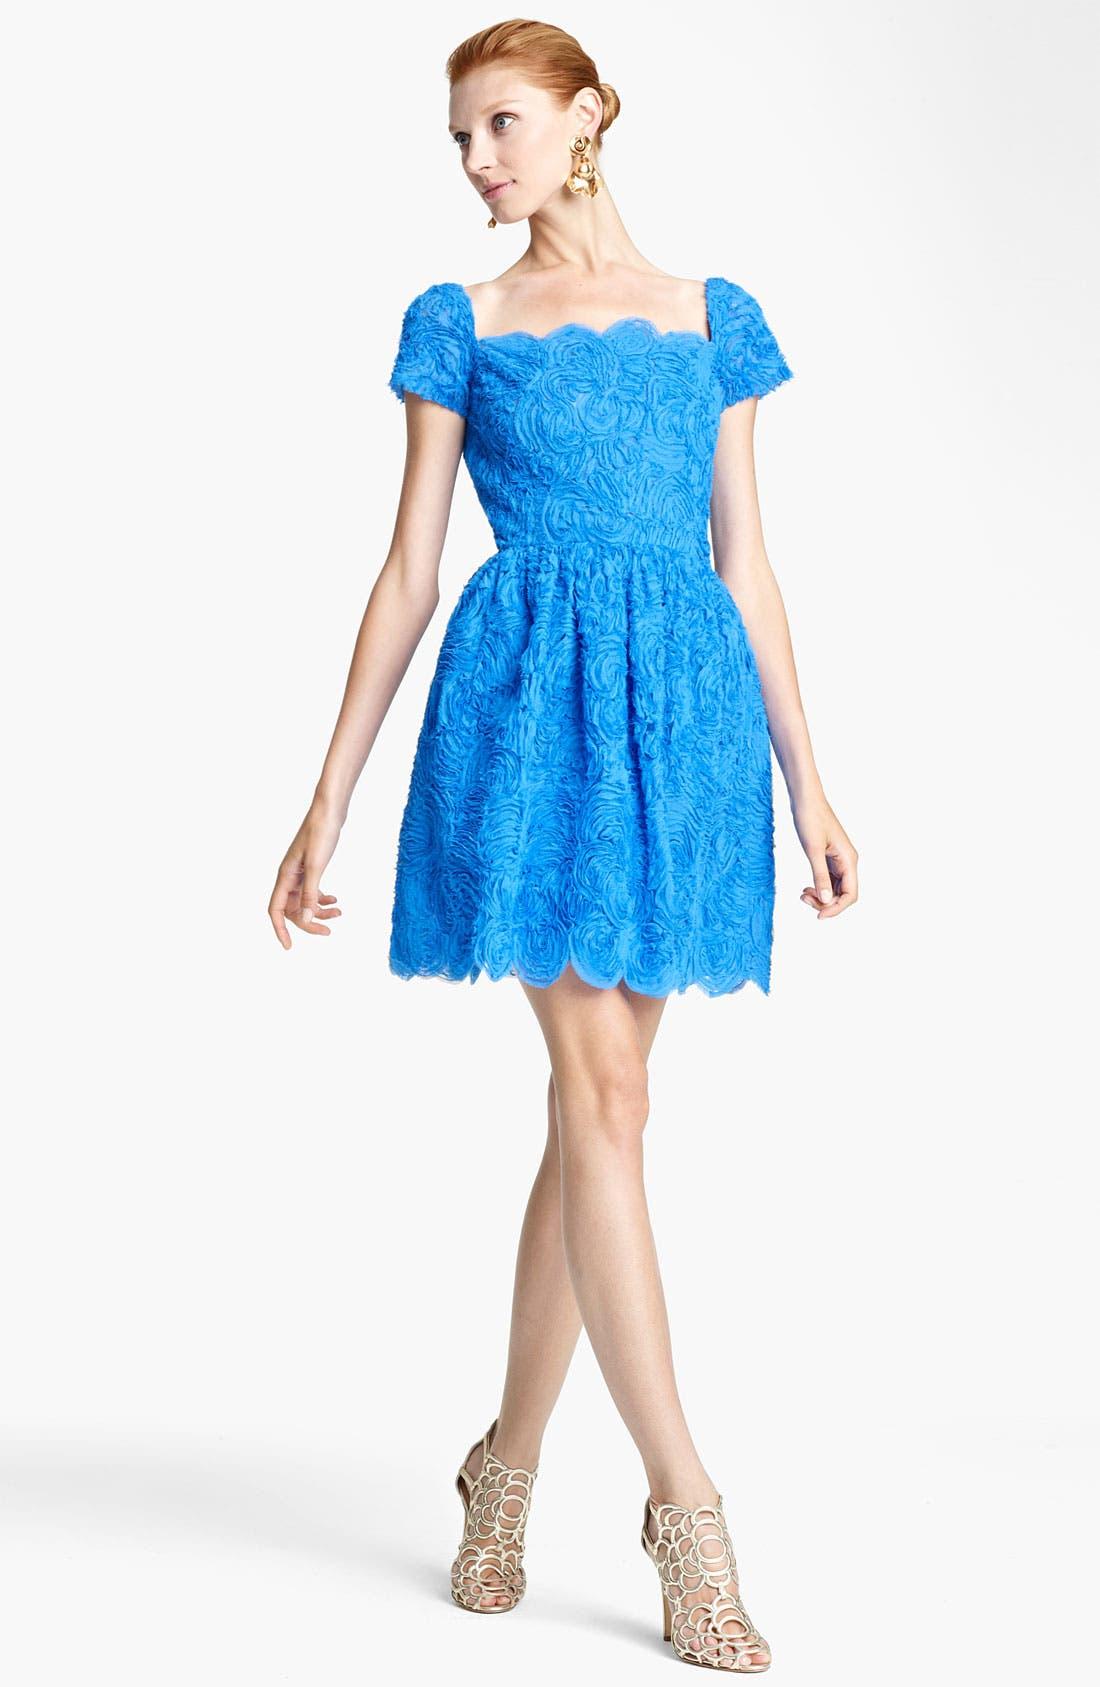 Alternate Image 1 Selected - Oscar de la Renta Embroidered Cocktail Dress